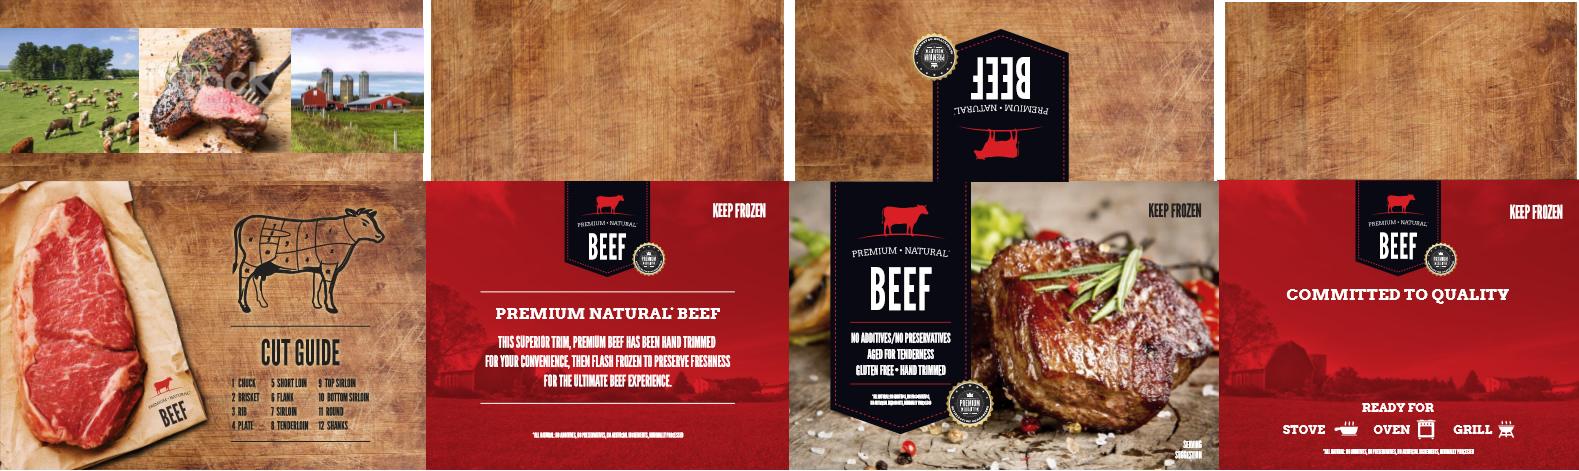 Premium Natural Beef